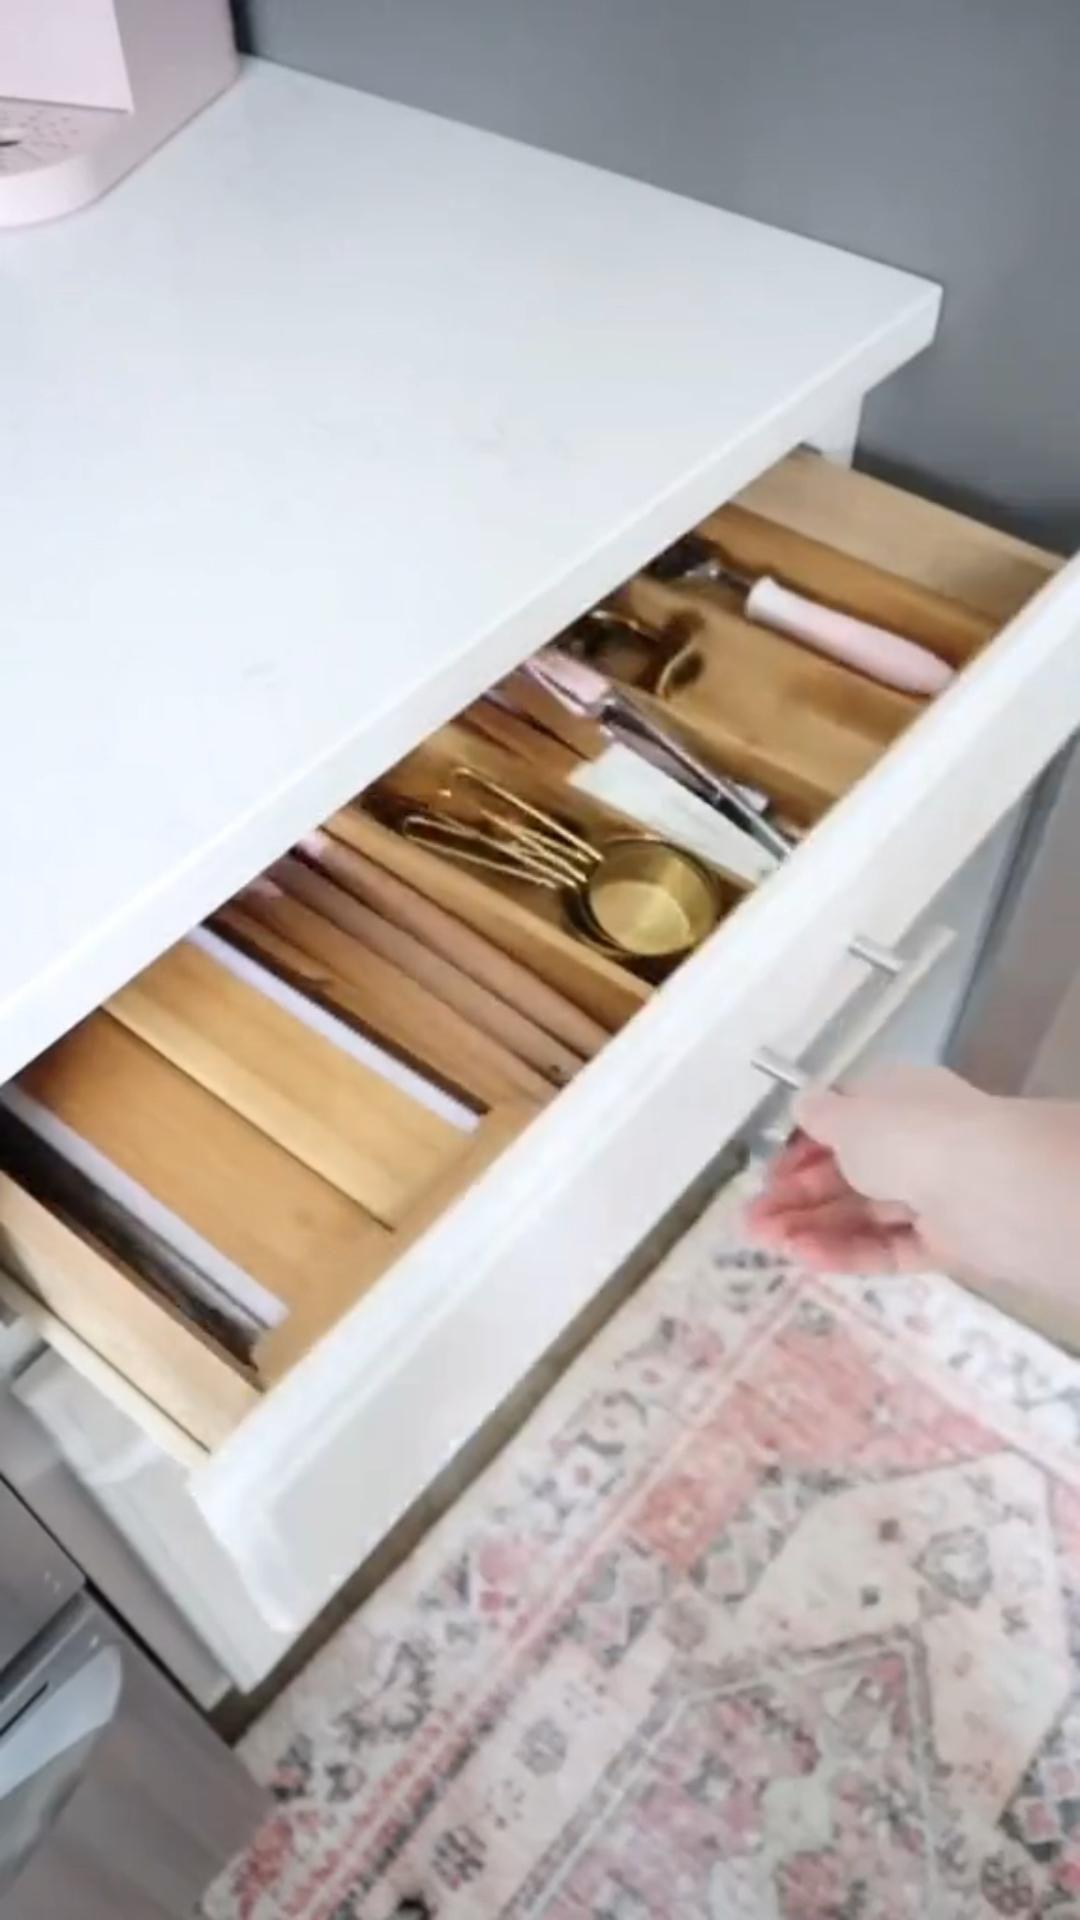 L型キッチンのデッドスペースを有効活用できる【3/4回転トレー】